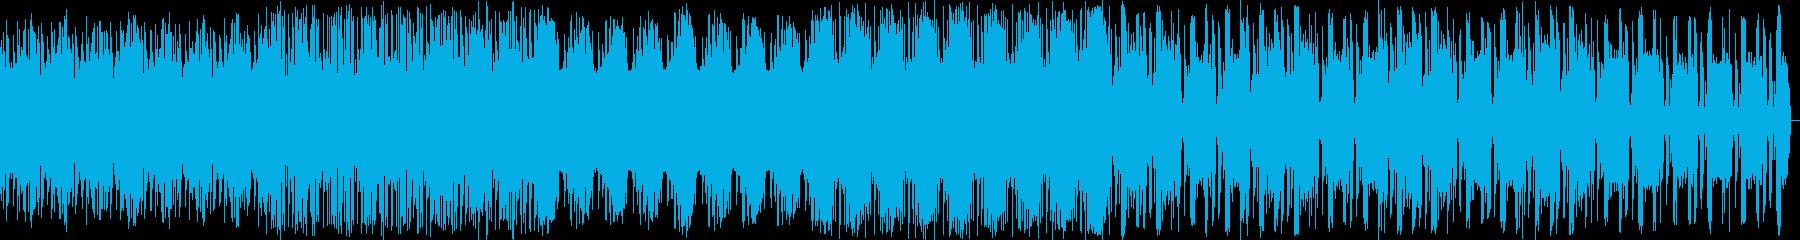 怖い・ホラー・廃墟風BGMの再生済みの波形